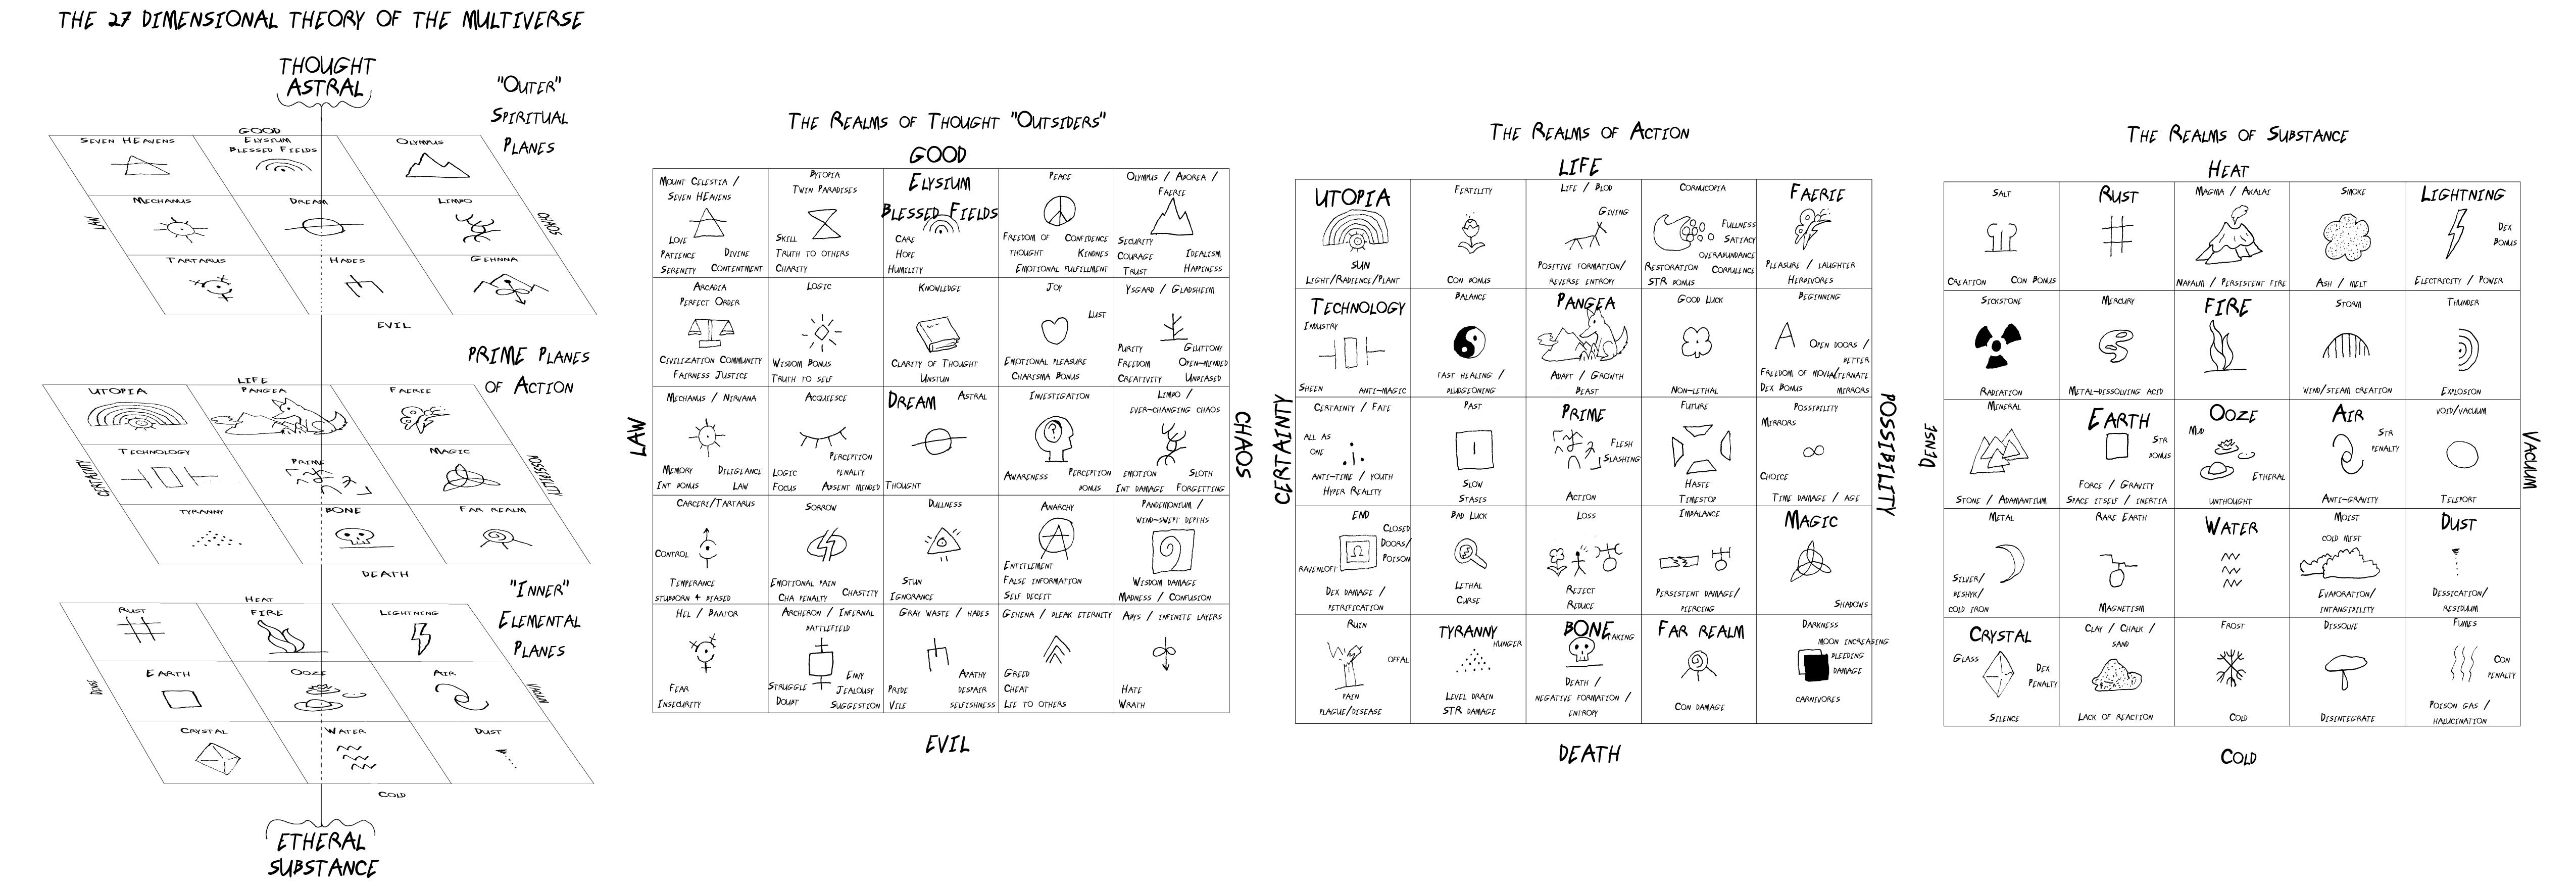 prospettive cosmologiche Schema del Multiverso a 27 Dimensioni - by Arthur Pearson www.quora.com © dell'autore